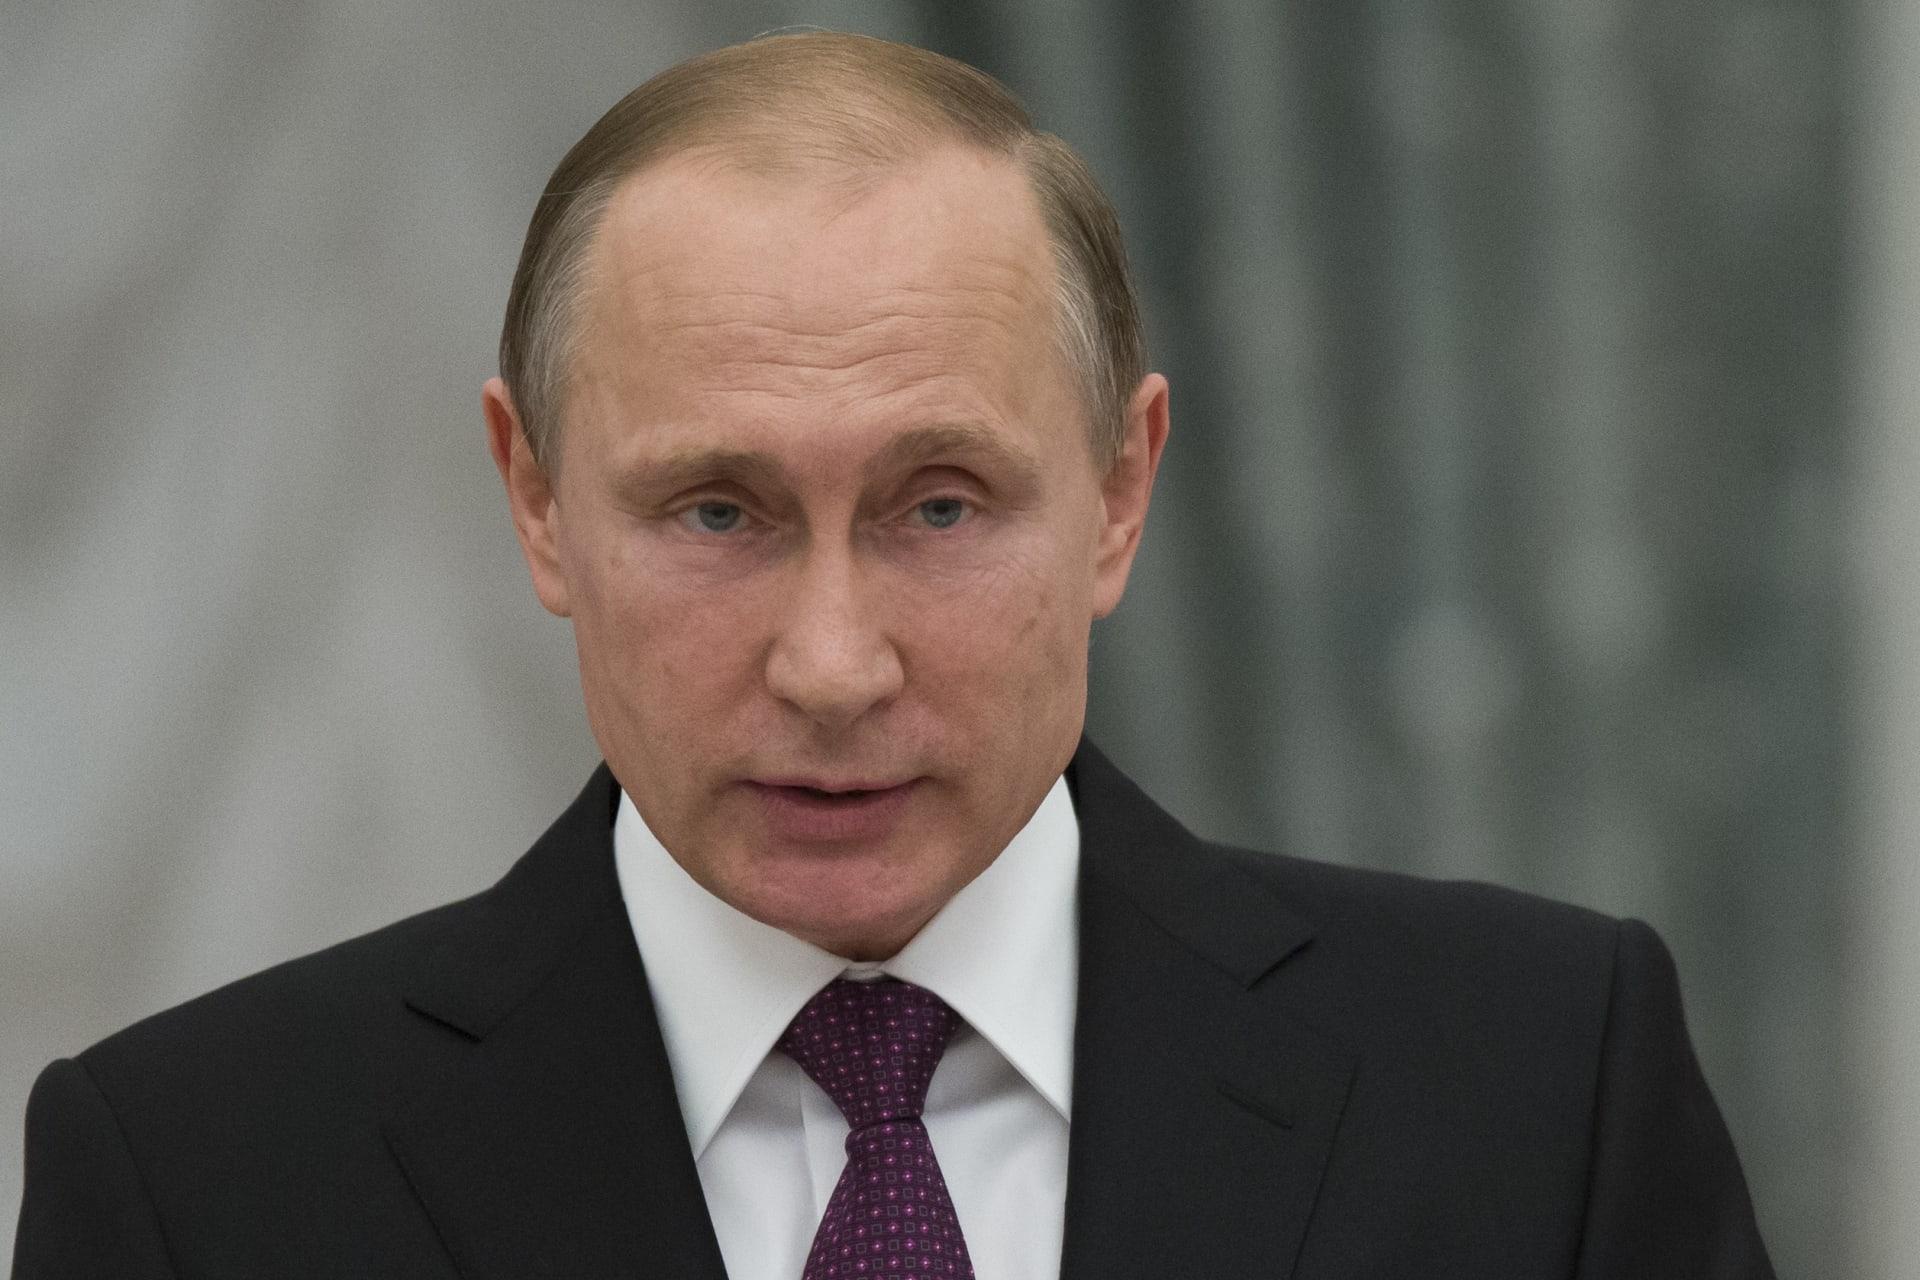 بوتين: باستطاعتنا العودة عسكريا لسوريا خلال ساعات إذا لزم الأمر.. والدعم بالسلاح للحكومة بدمشق مستمر